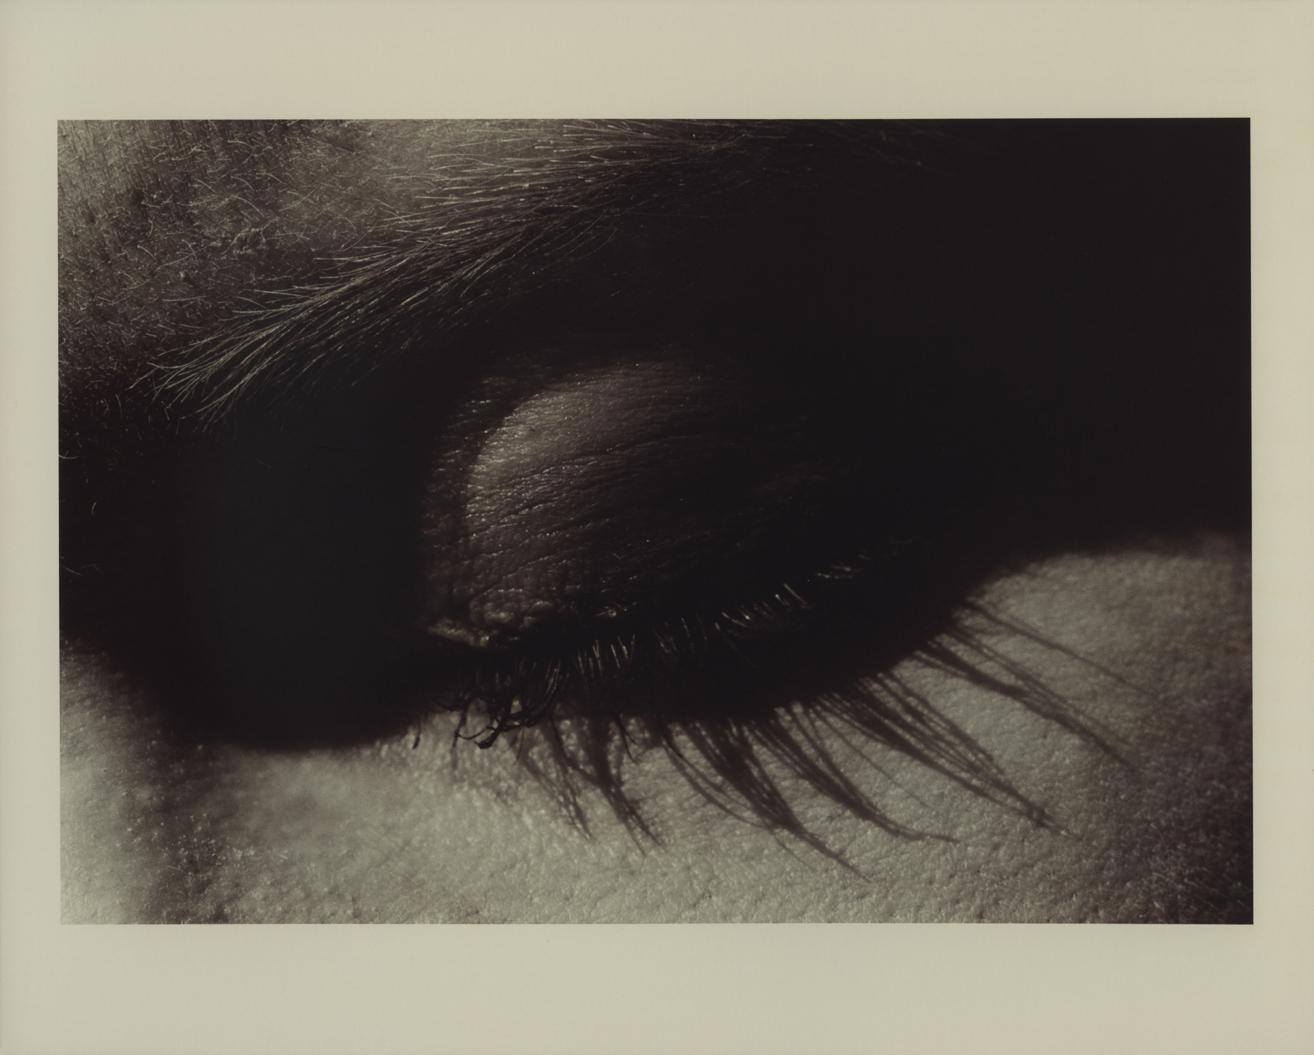 bunny riot's eyelashes 35mm film